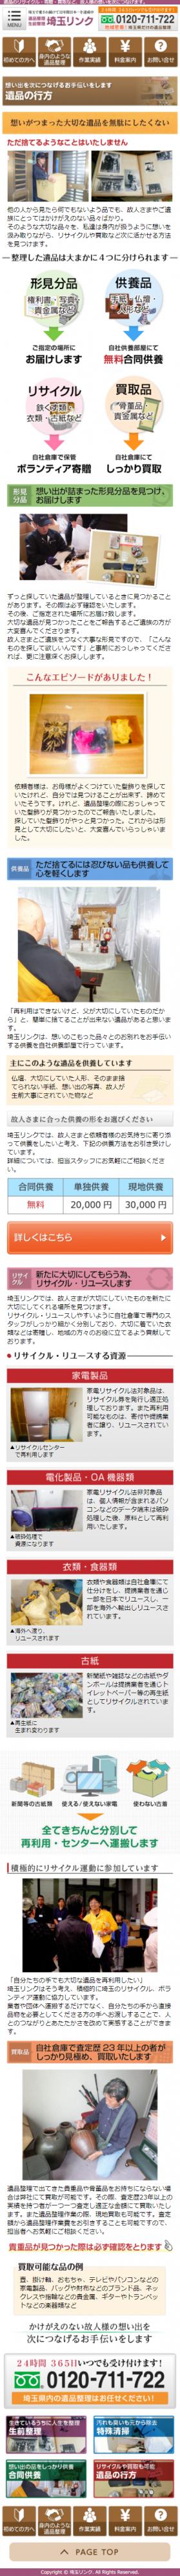 埼玉リンク